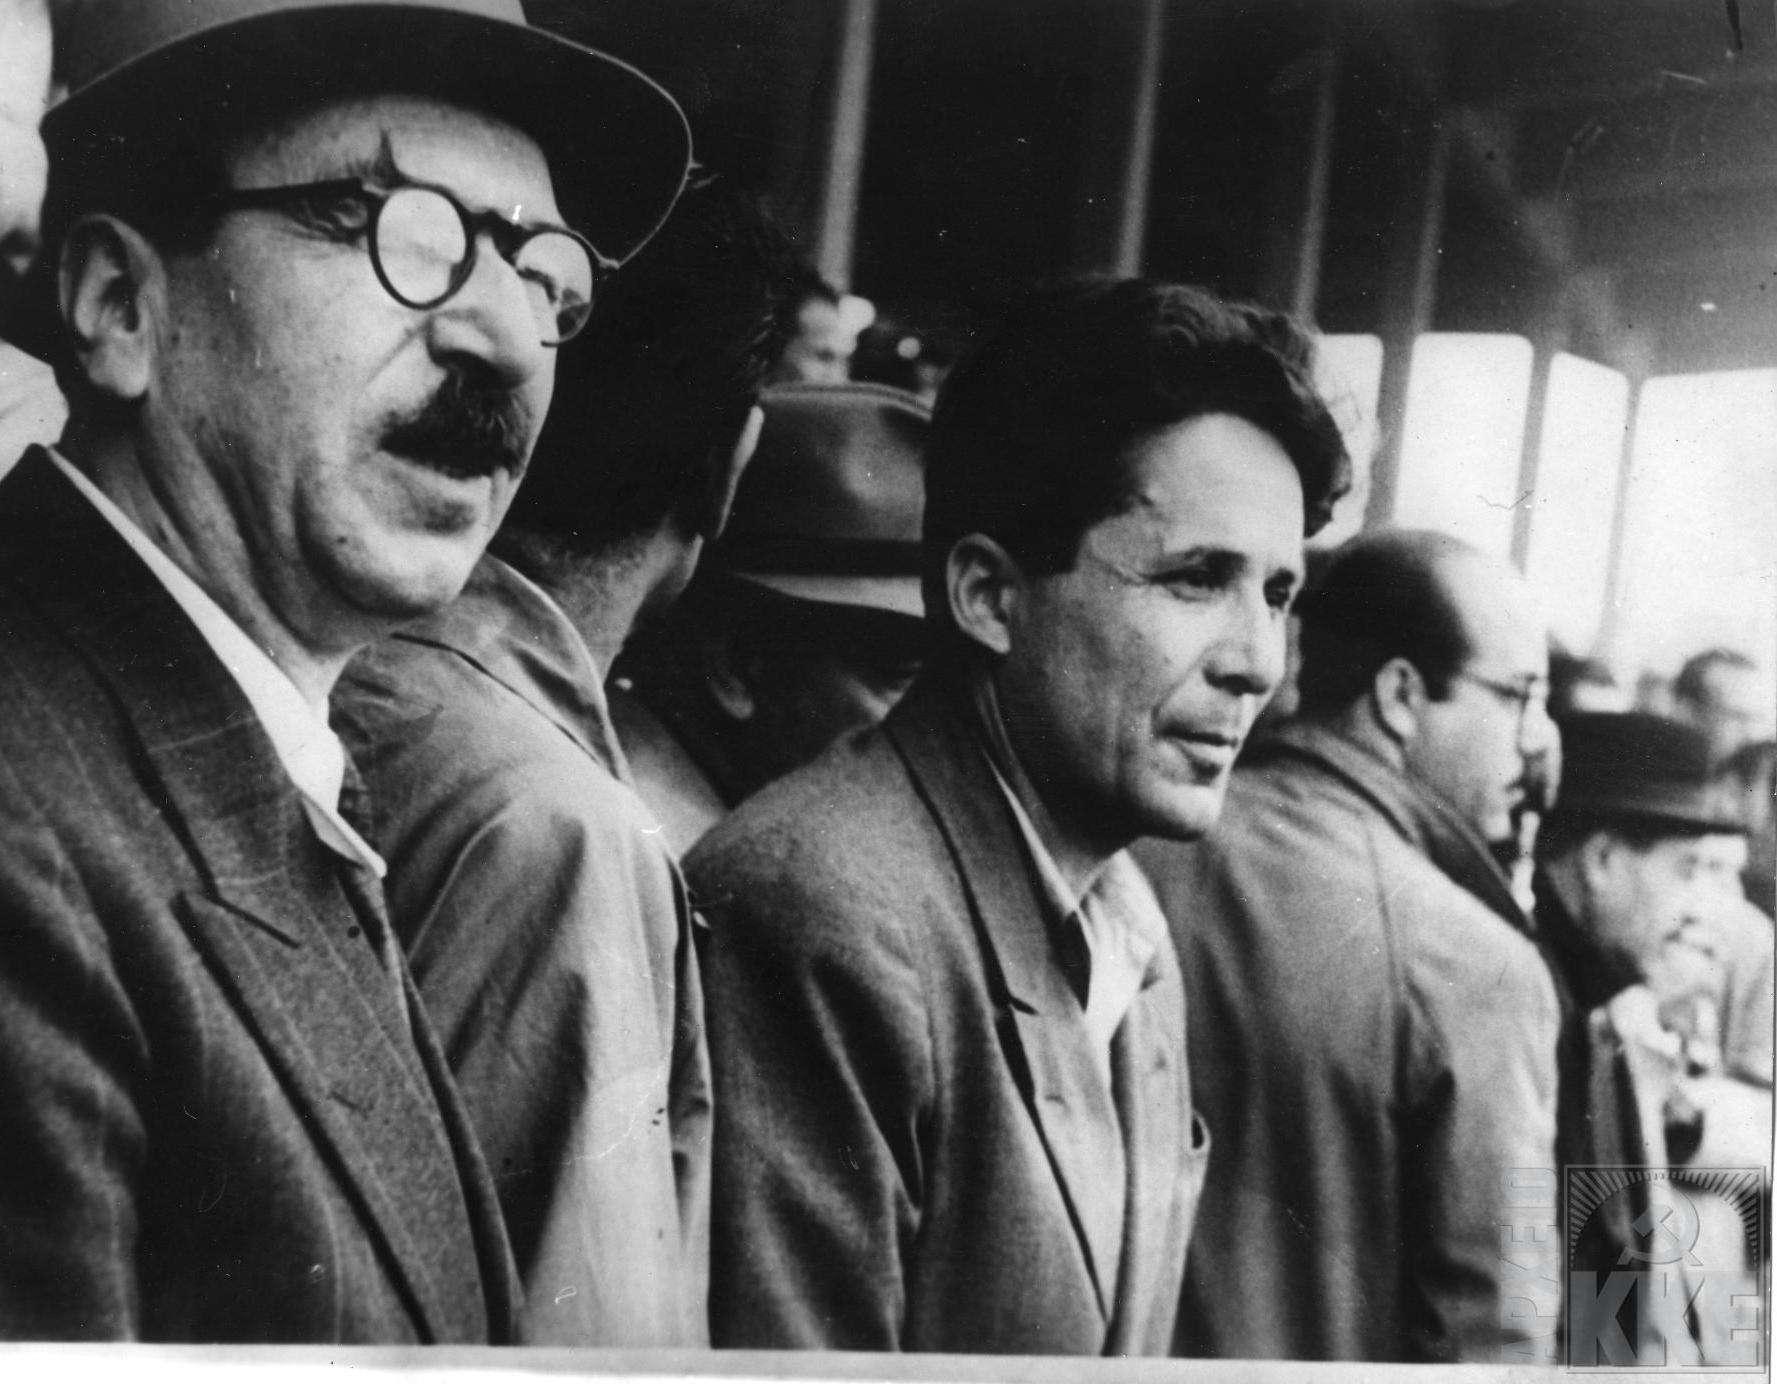 Κατά το πνεύμα της ρητορικής του για μια ειρηνική λύση του ελληνικού πολιτικού ζητήματος, ο Νίκος Ζαχαριάδης (δεξιά) στράφηκε το 1945 κατά του ΝΟΦ (Λαϊκό Απελευθερωτικό Μέωπο), της διάδοχης οργάνωσης του ΣΝΟΦ που προπαγάνδιζε τη συνένωση του «μακεδονικού λαού» και δρούσε ανεξέλεγκτα στην ελληνική Μακεδονία.